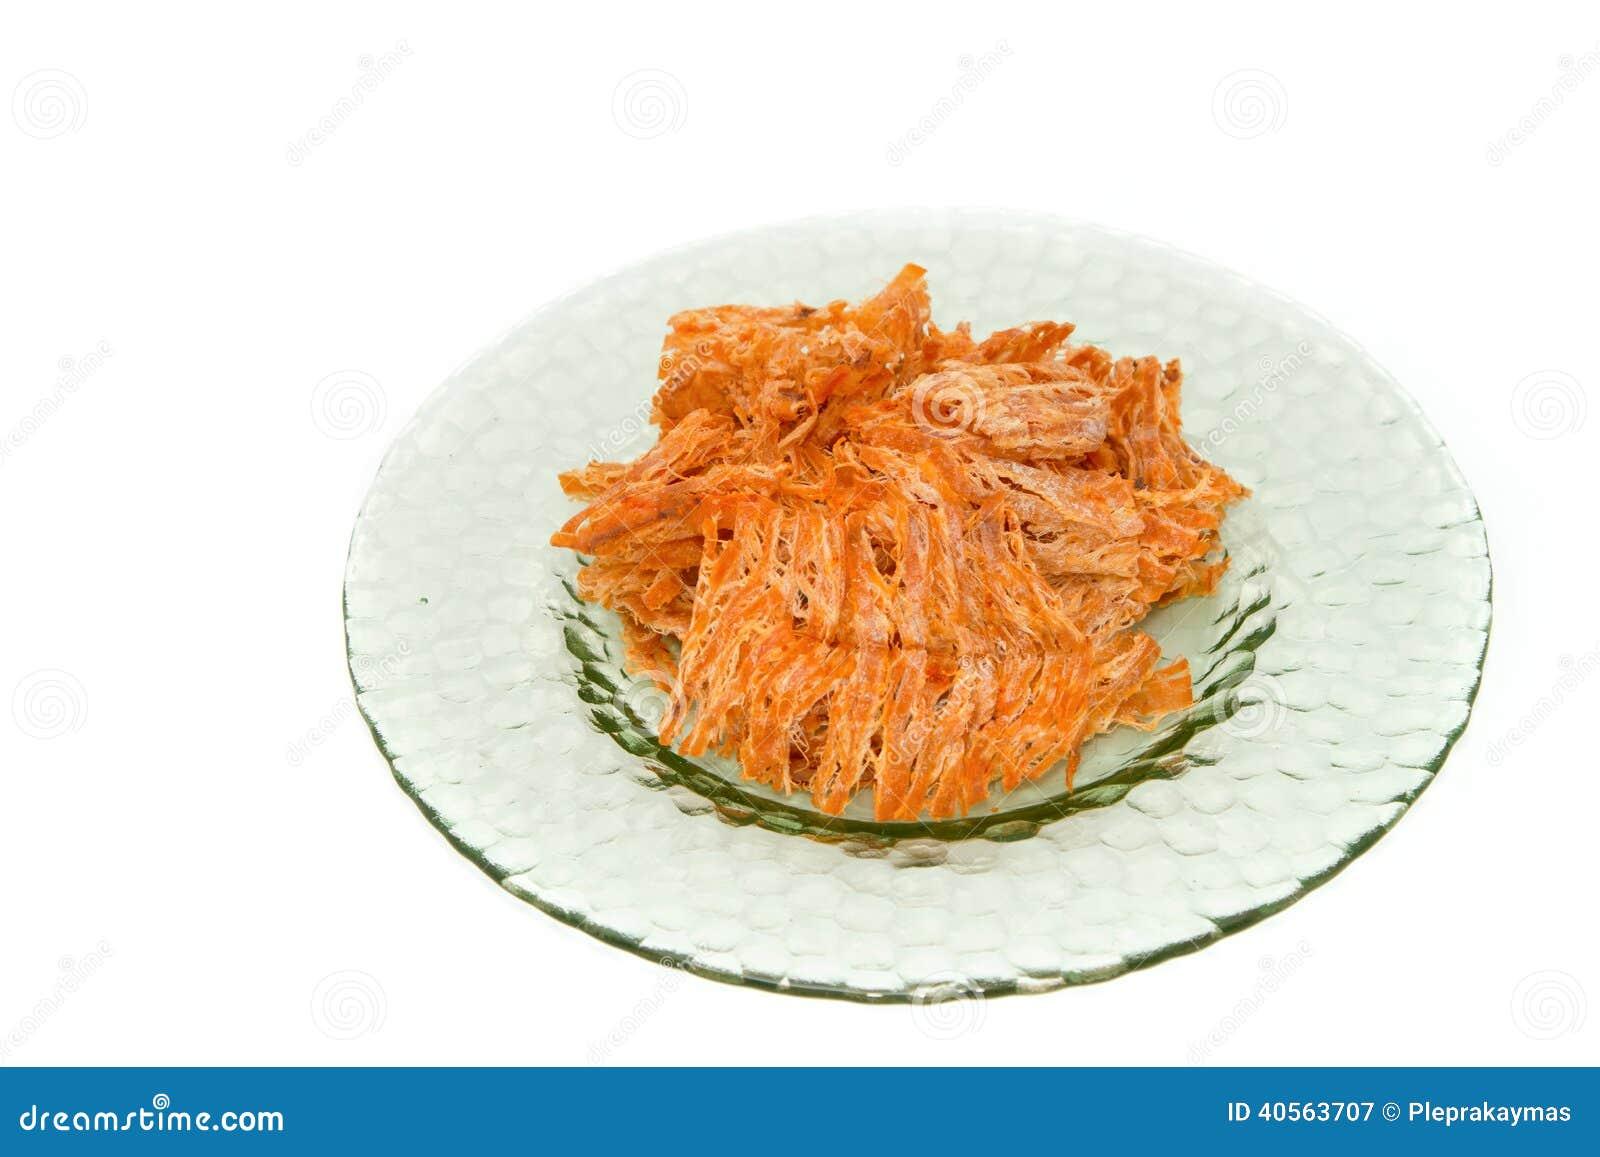 Calamar secado, producto alimenticio